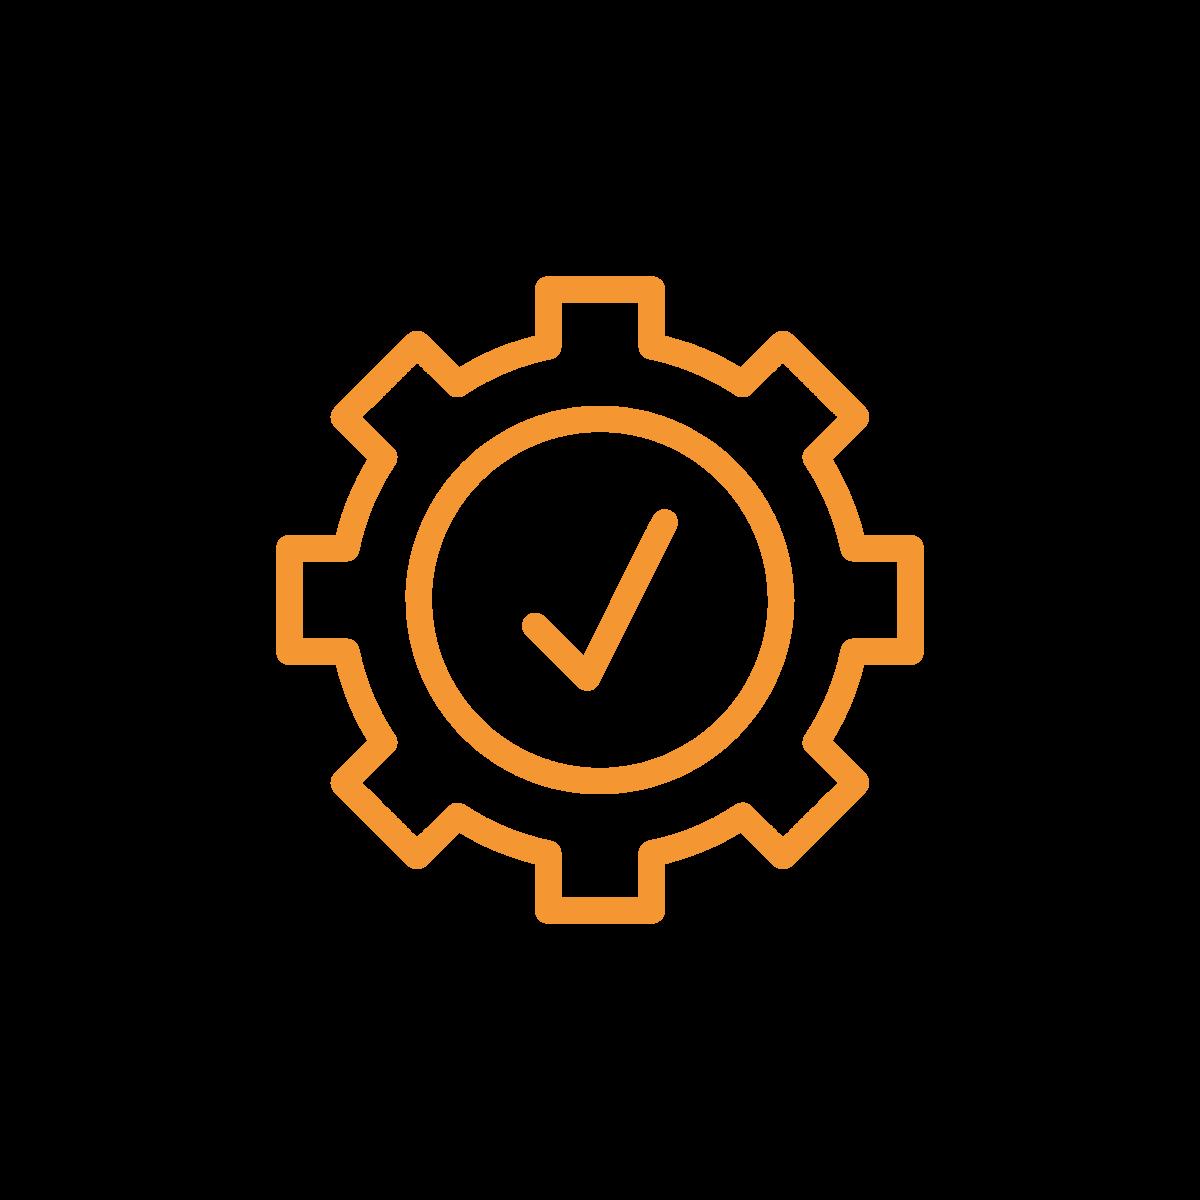 icon-gear